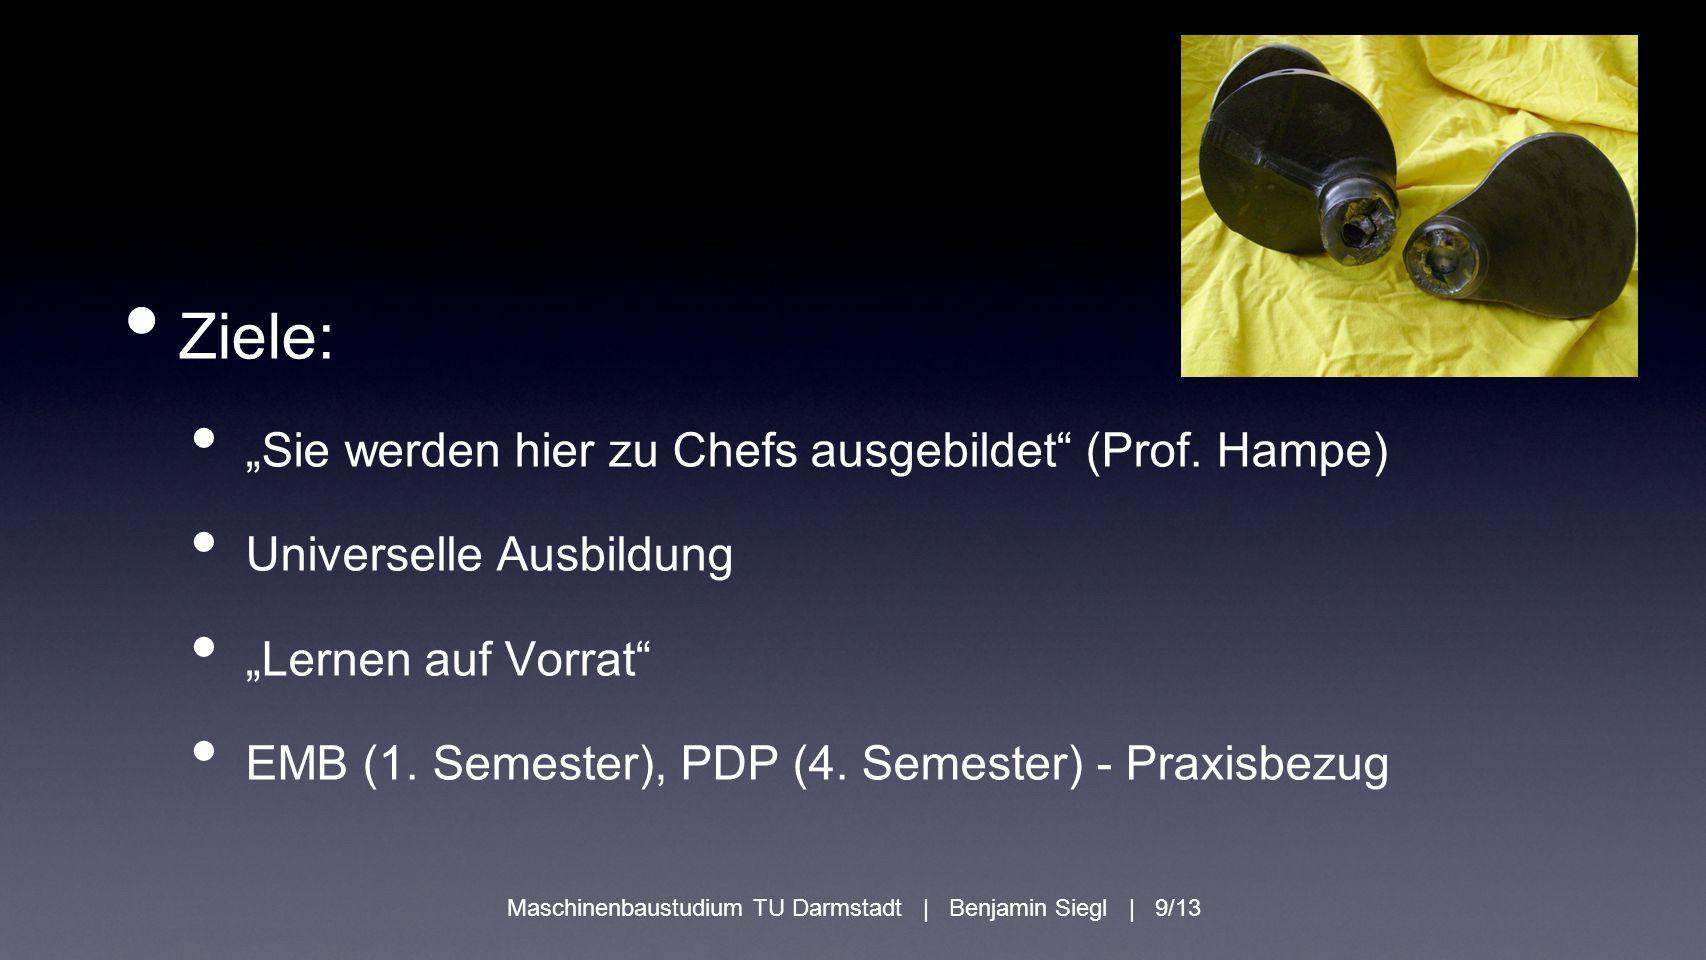 """Ziele: """"Sie werden hier zu Chefs ausgebildet"""" (Prof. Hampe) Universelle Ausbildung """"Lernen auf Vorrat"""" EMB (1. Semester), PDP (4. Semester) - Praxisbe"""